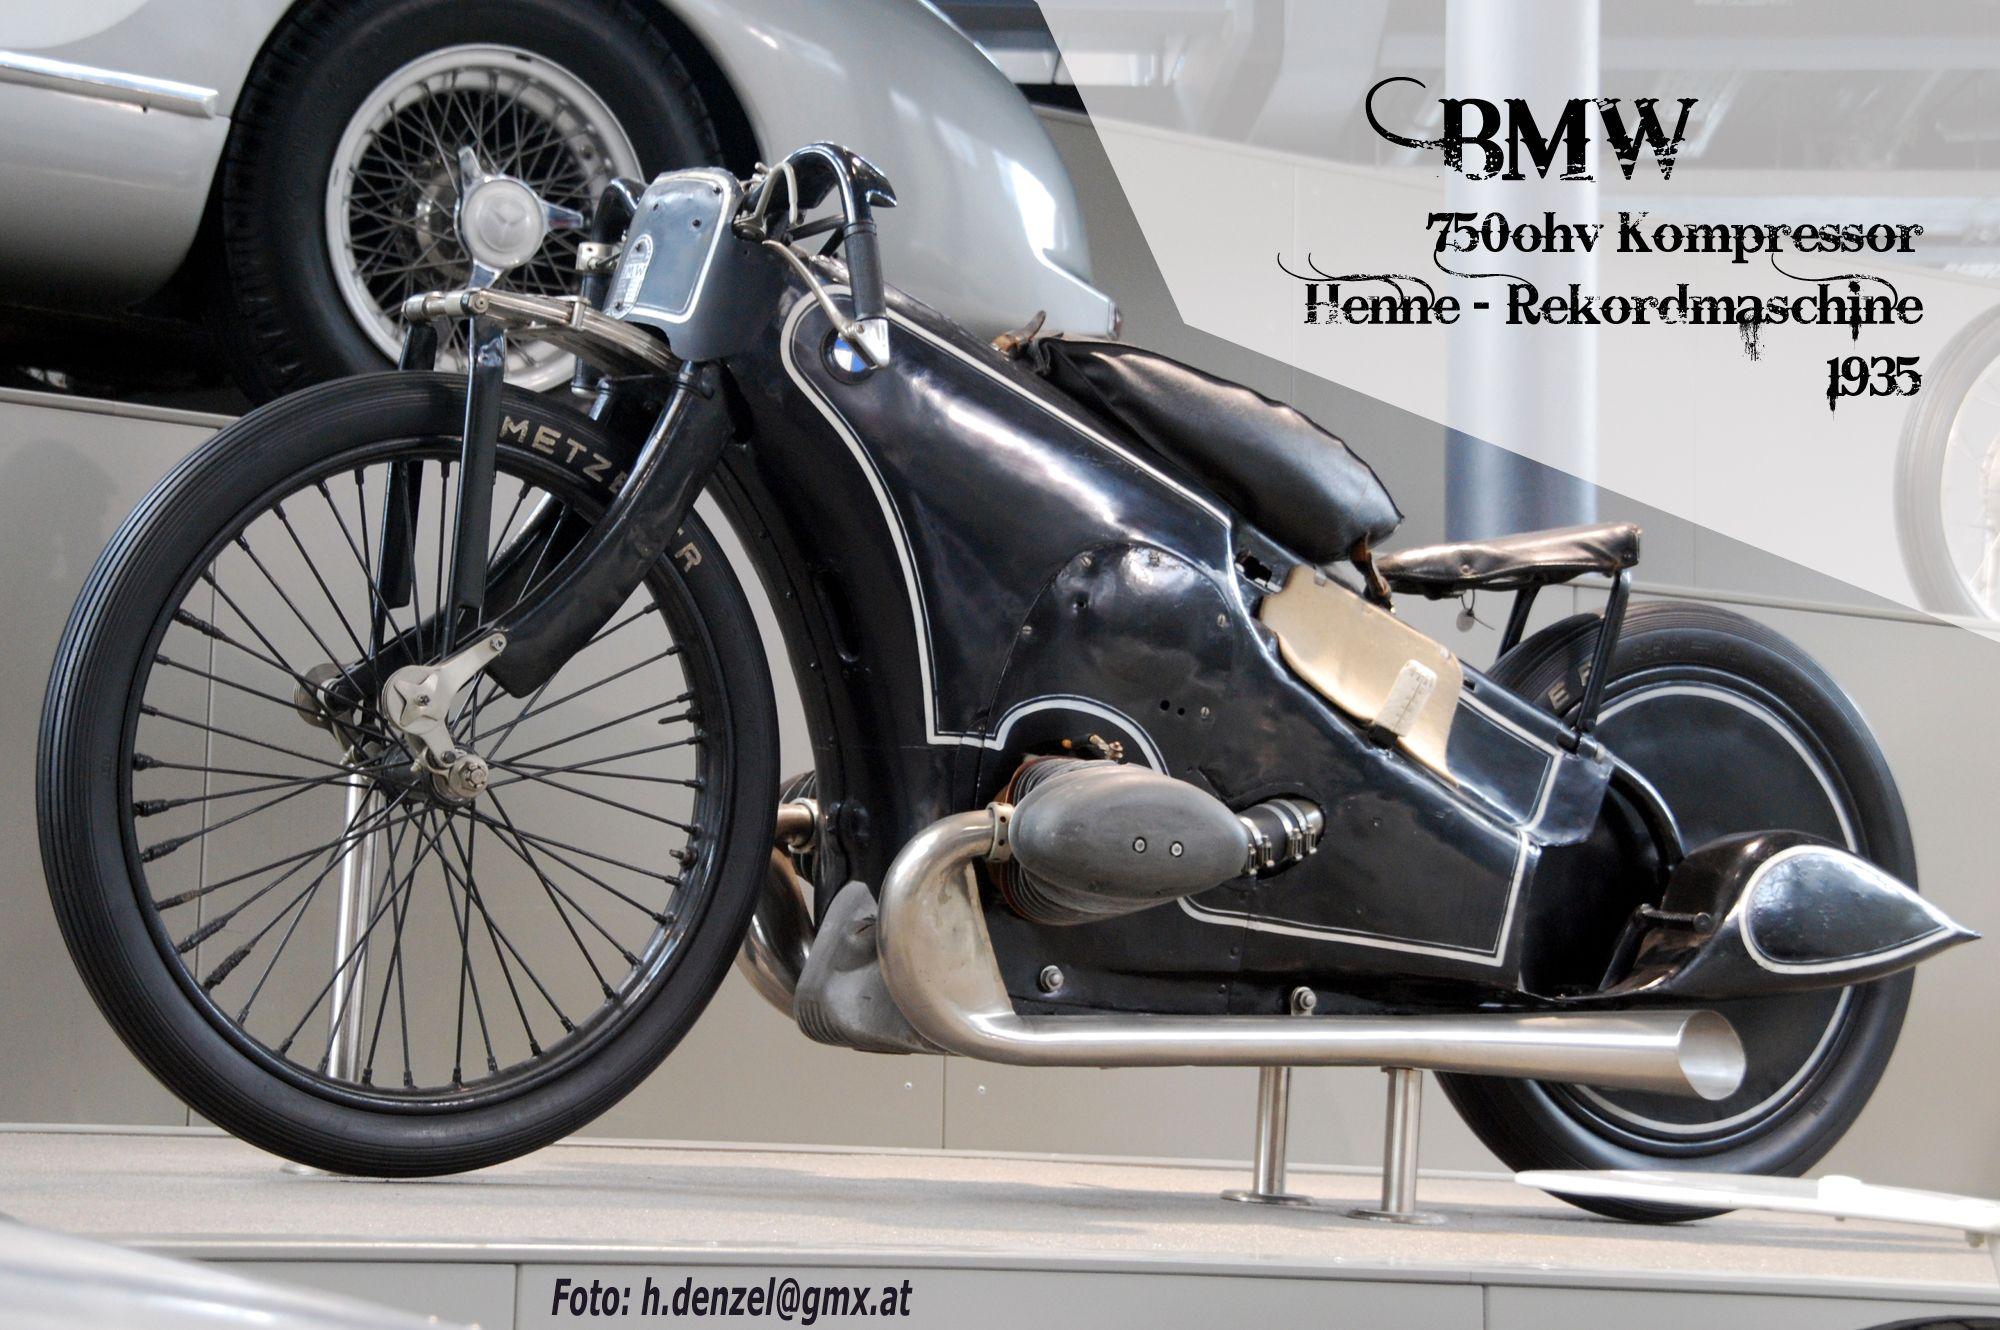 bmw 750 kompressor rekordmaschine ernst henne 1935 bmw motorbikes bike bmw bmw motorcycles. Black Bedroom Furniture Sets. Home Design Ideas